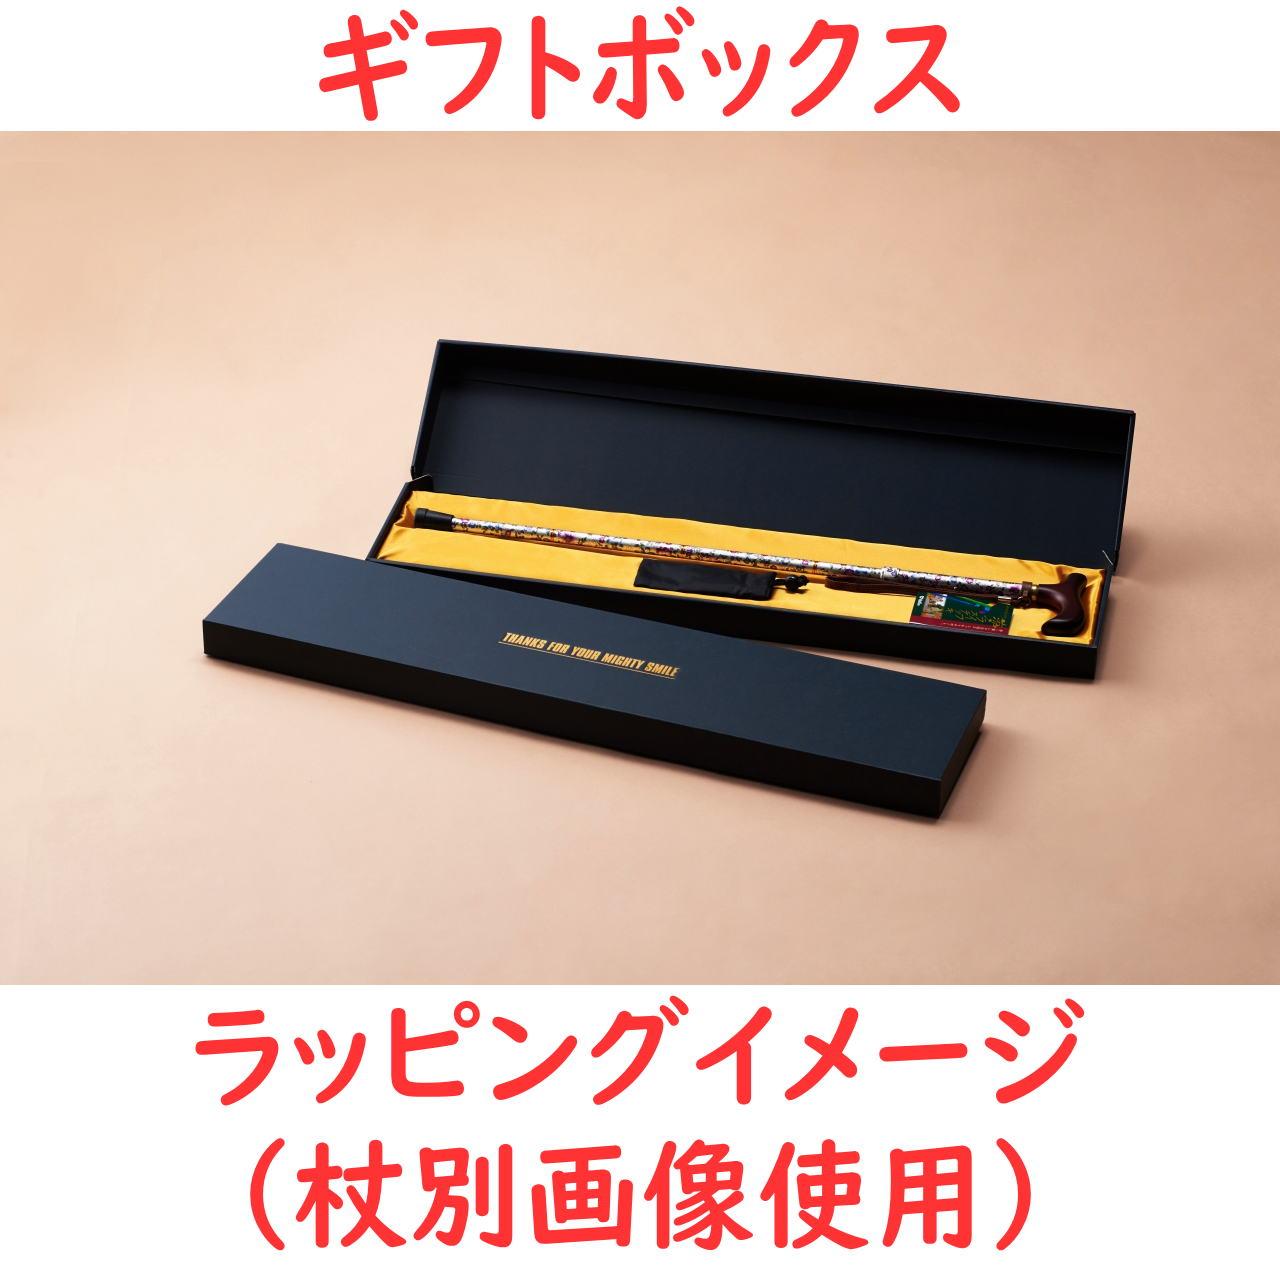 ☆ギフトボックス可☆ 夢ライフステッキ 伸縮型(ベーシックタイプ) ロイヤルブラウン